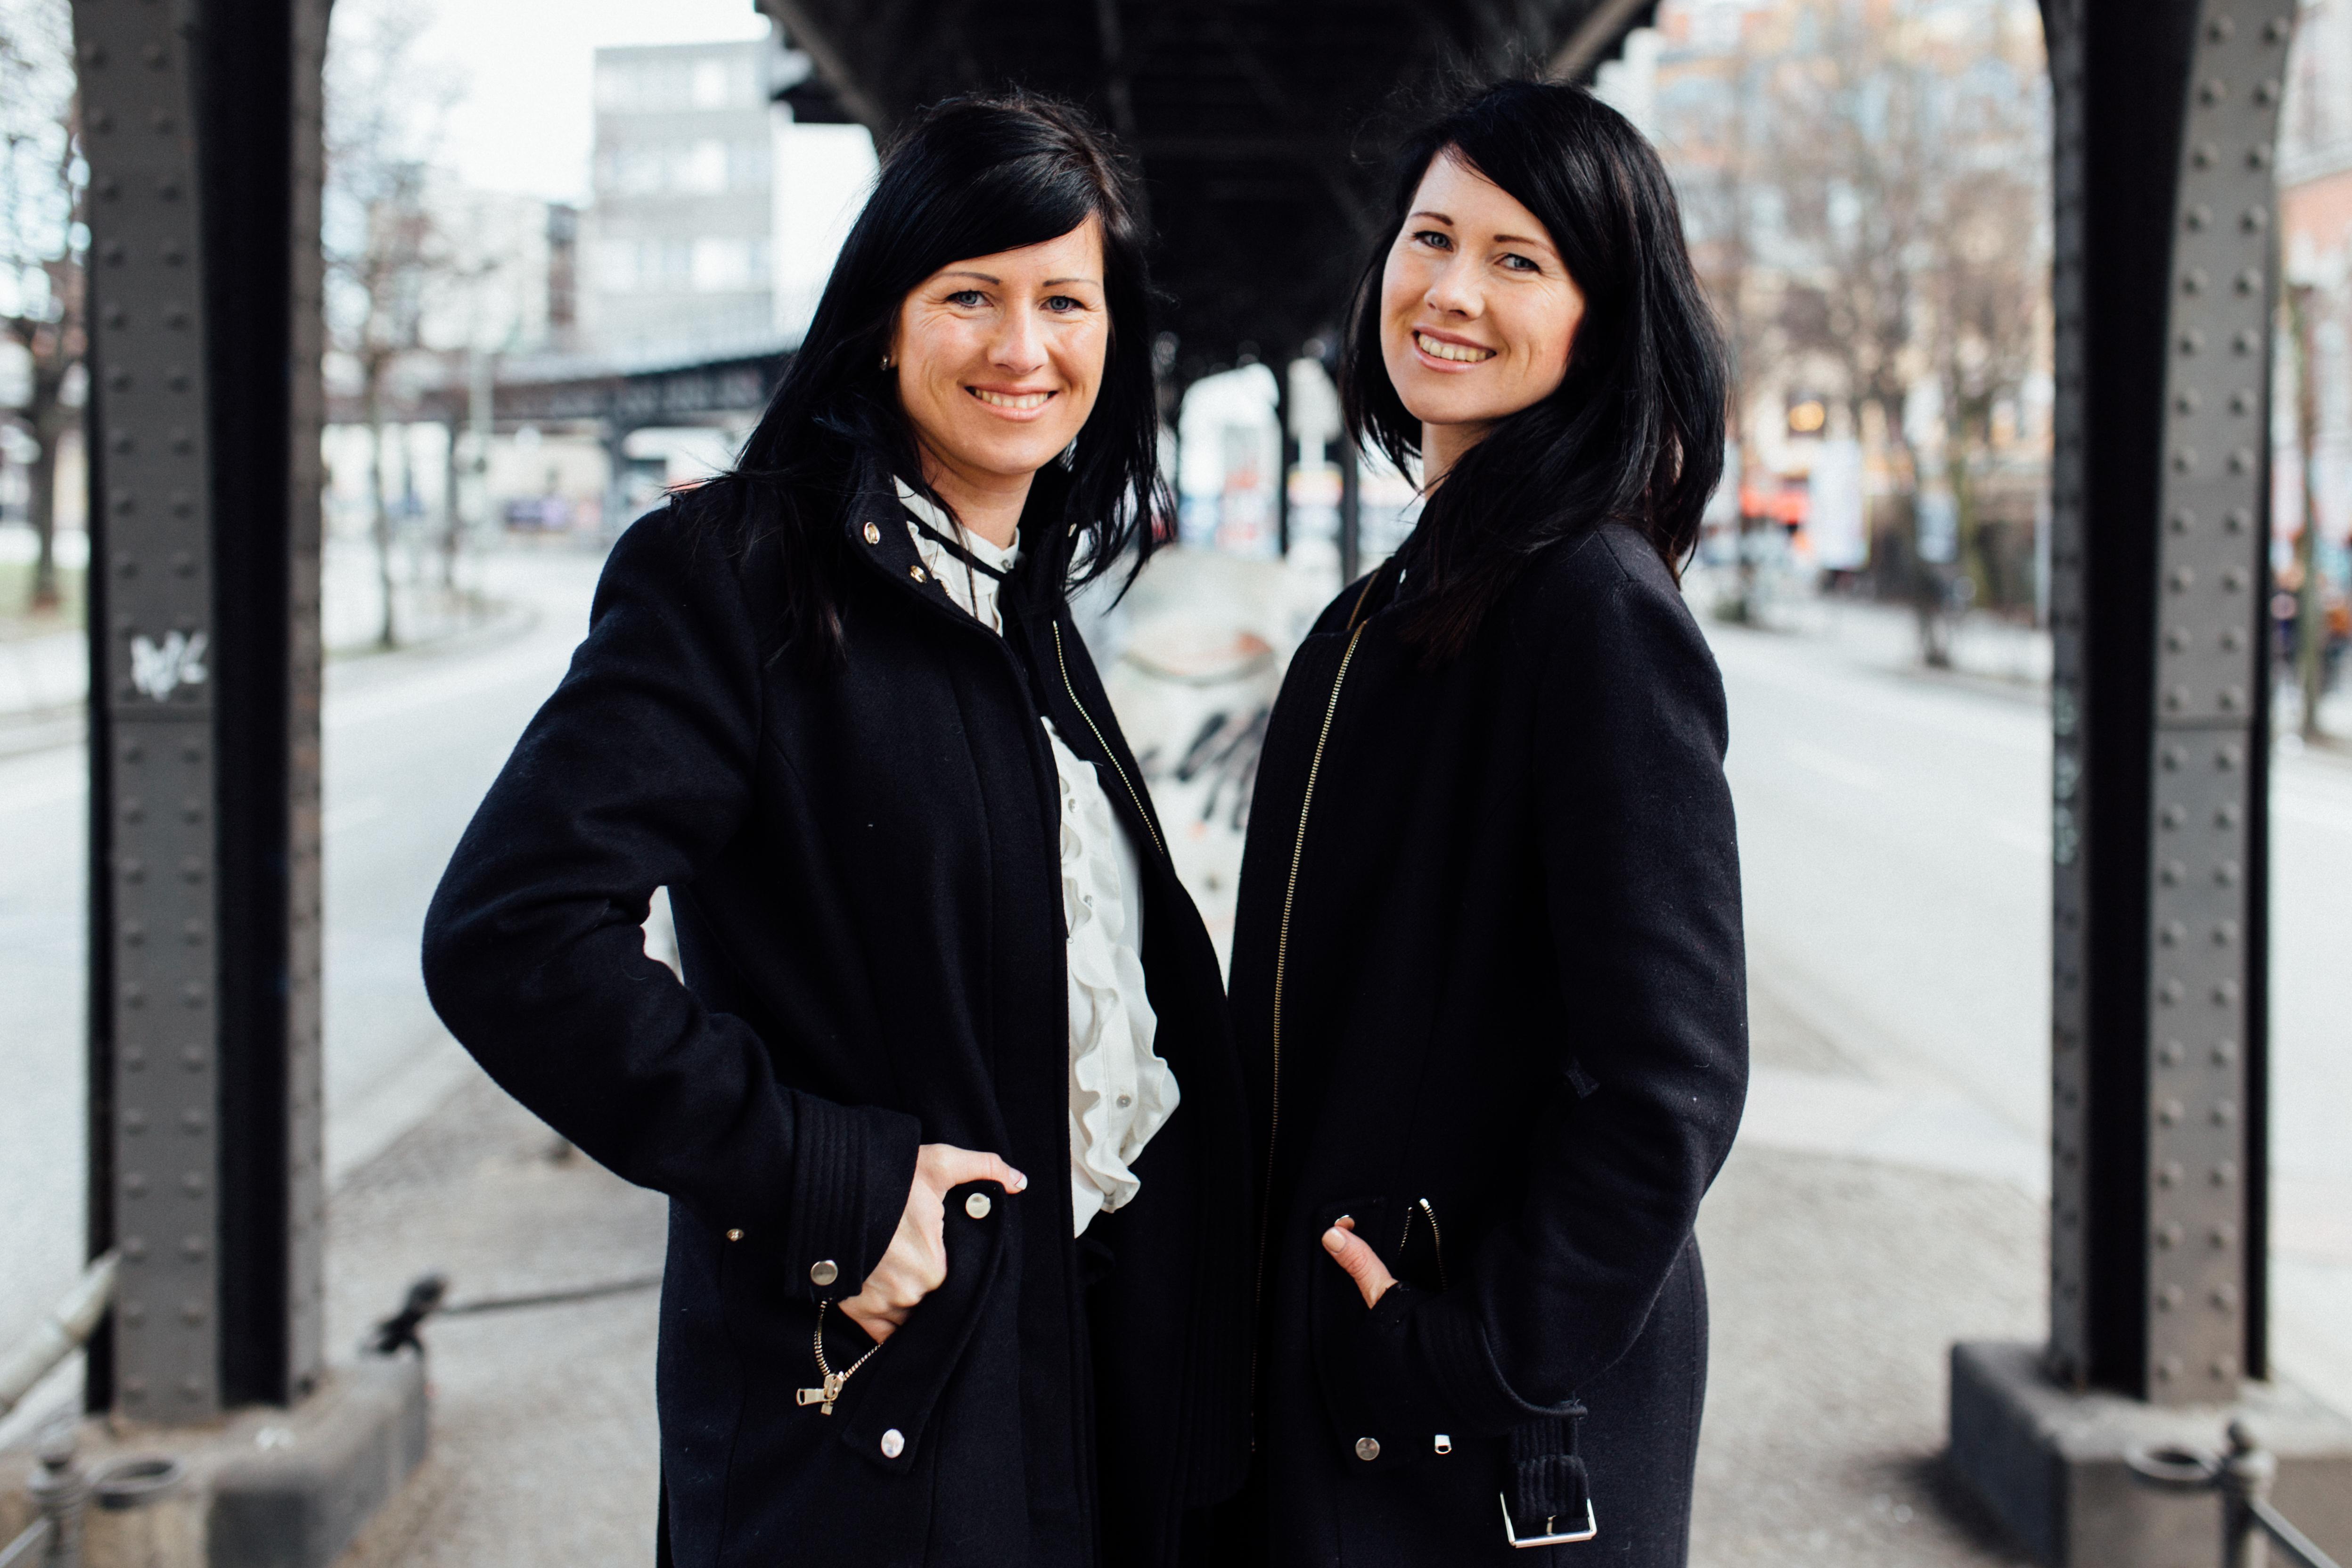 Zwillingsratgeber 031Februar Die geheimnisvolle Welt der Zwillinge – Interview mit Antonia und Barbara